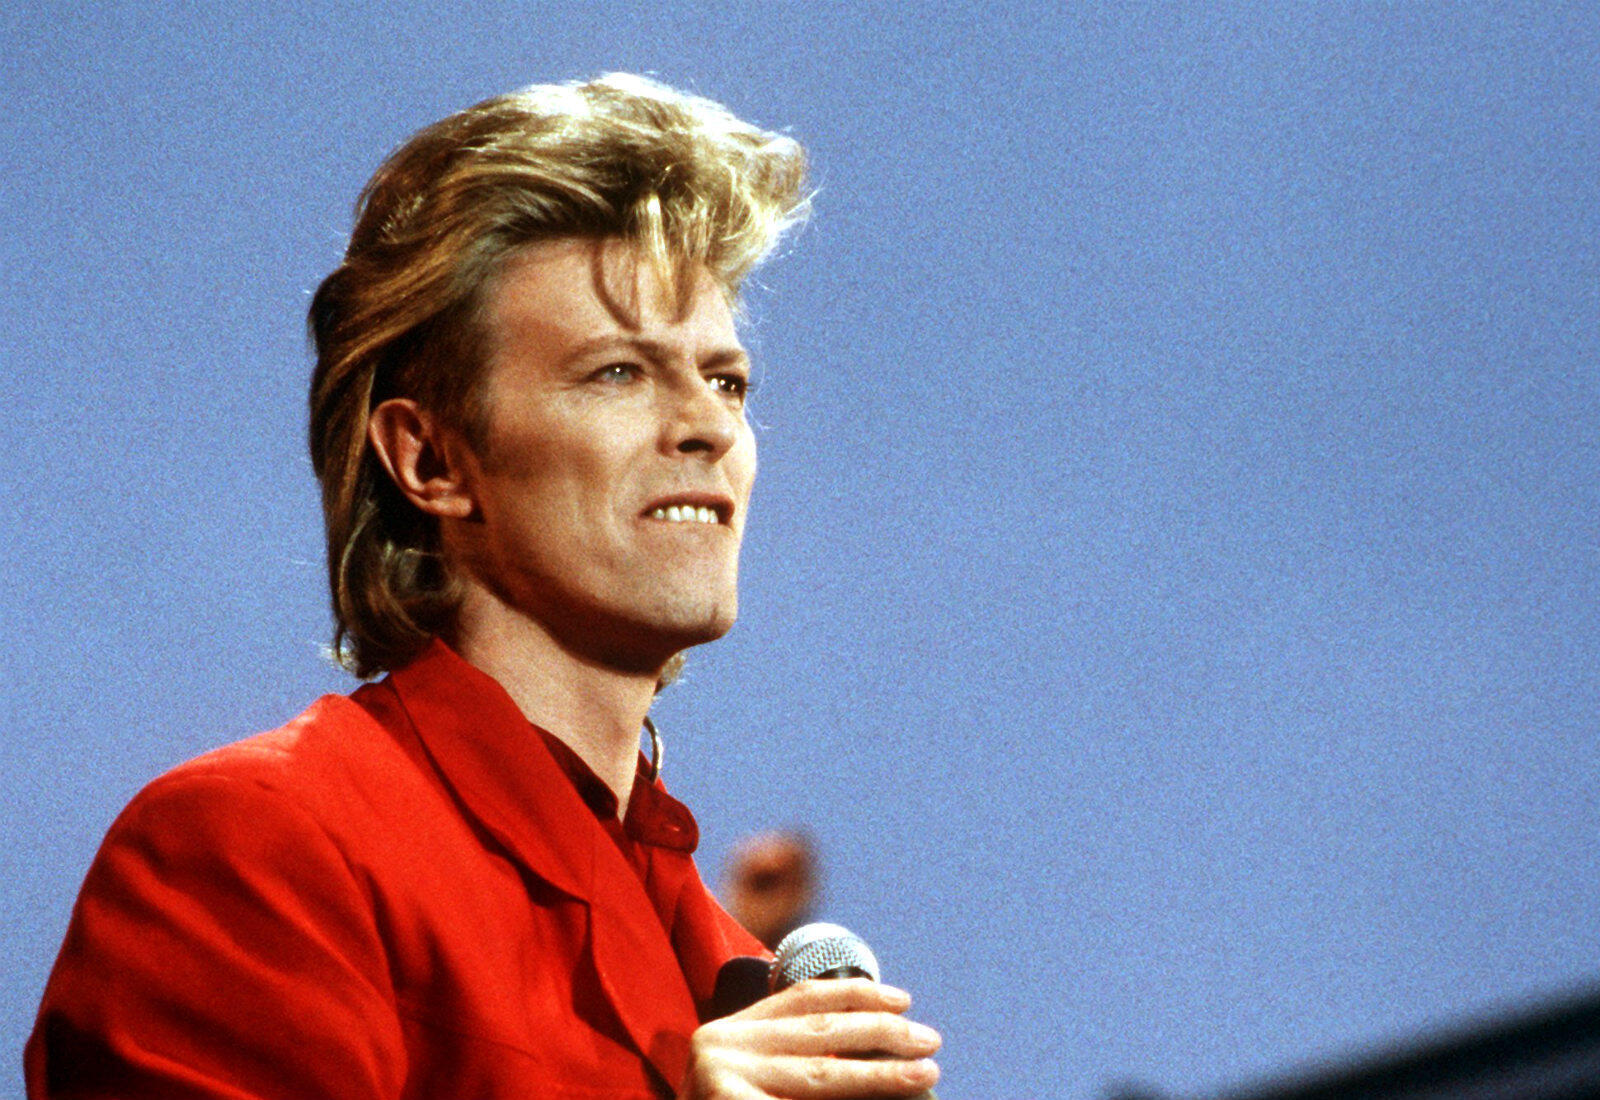 David Bowie, star britannique du rock, artiste hors norme et icône planétaire de la pop culture, est mort le 10 janvier 2016 à 69 ans, des suites d'un cancer, deux jours après la sortie de son dernier album.